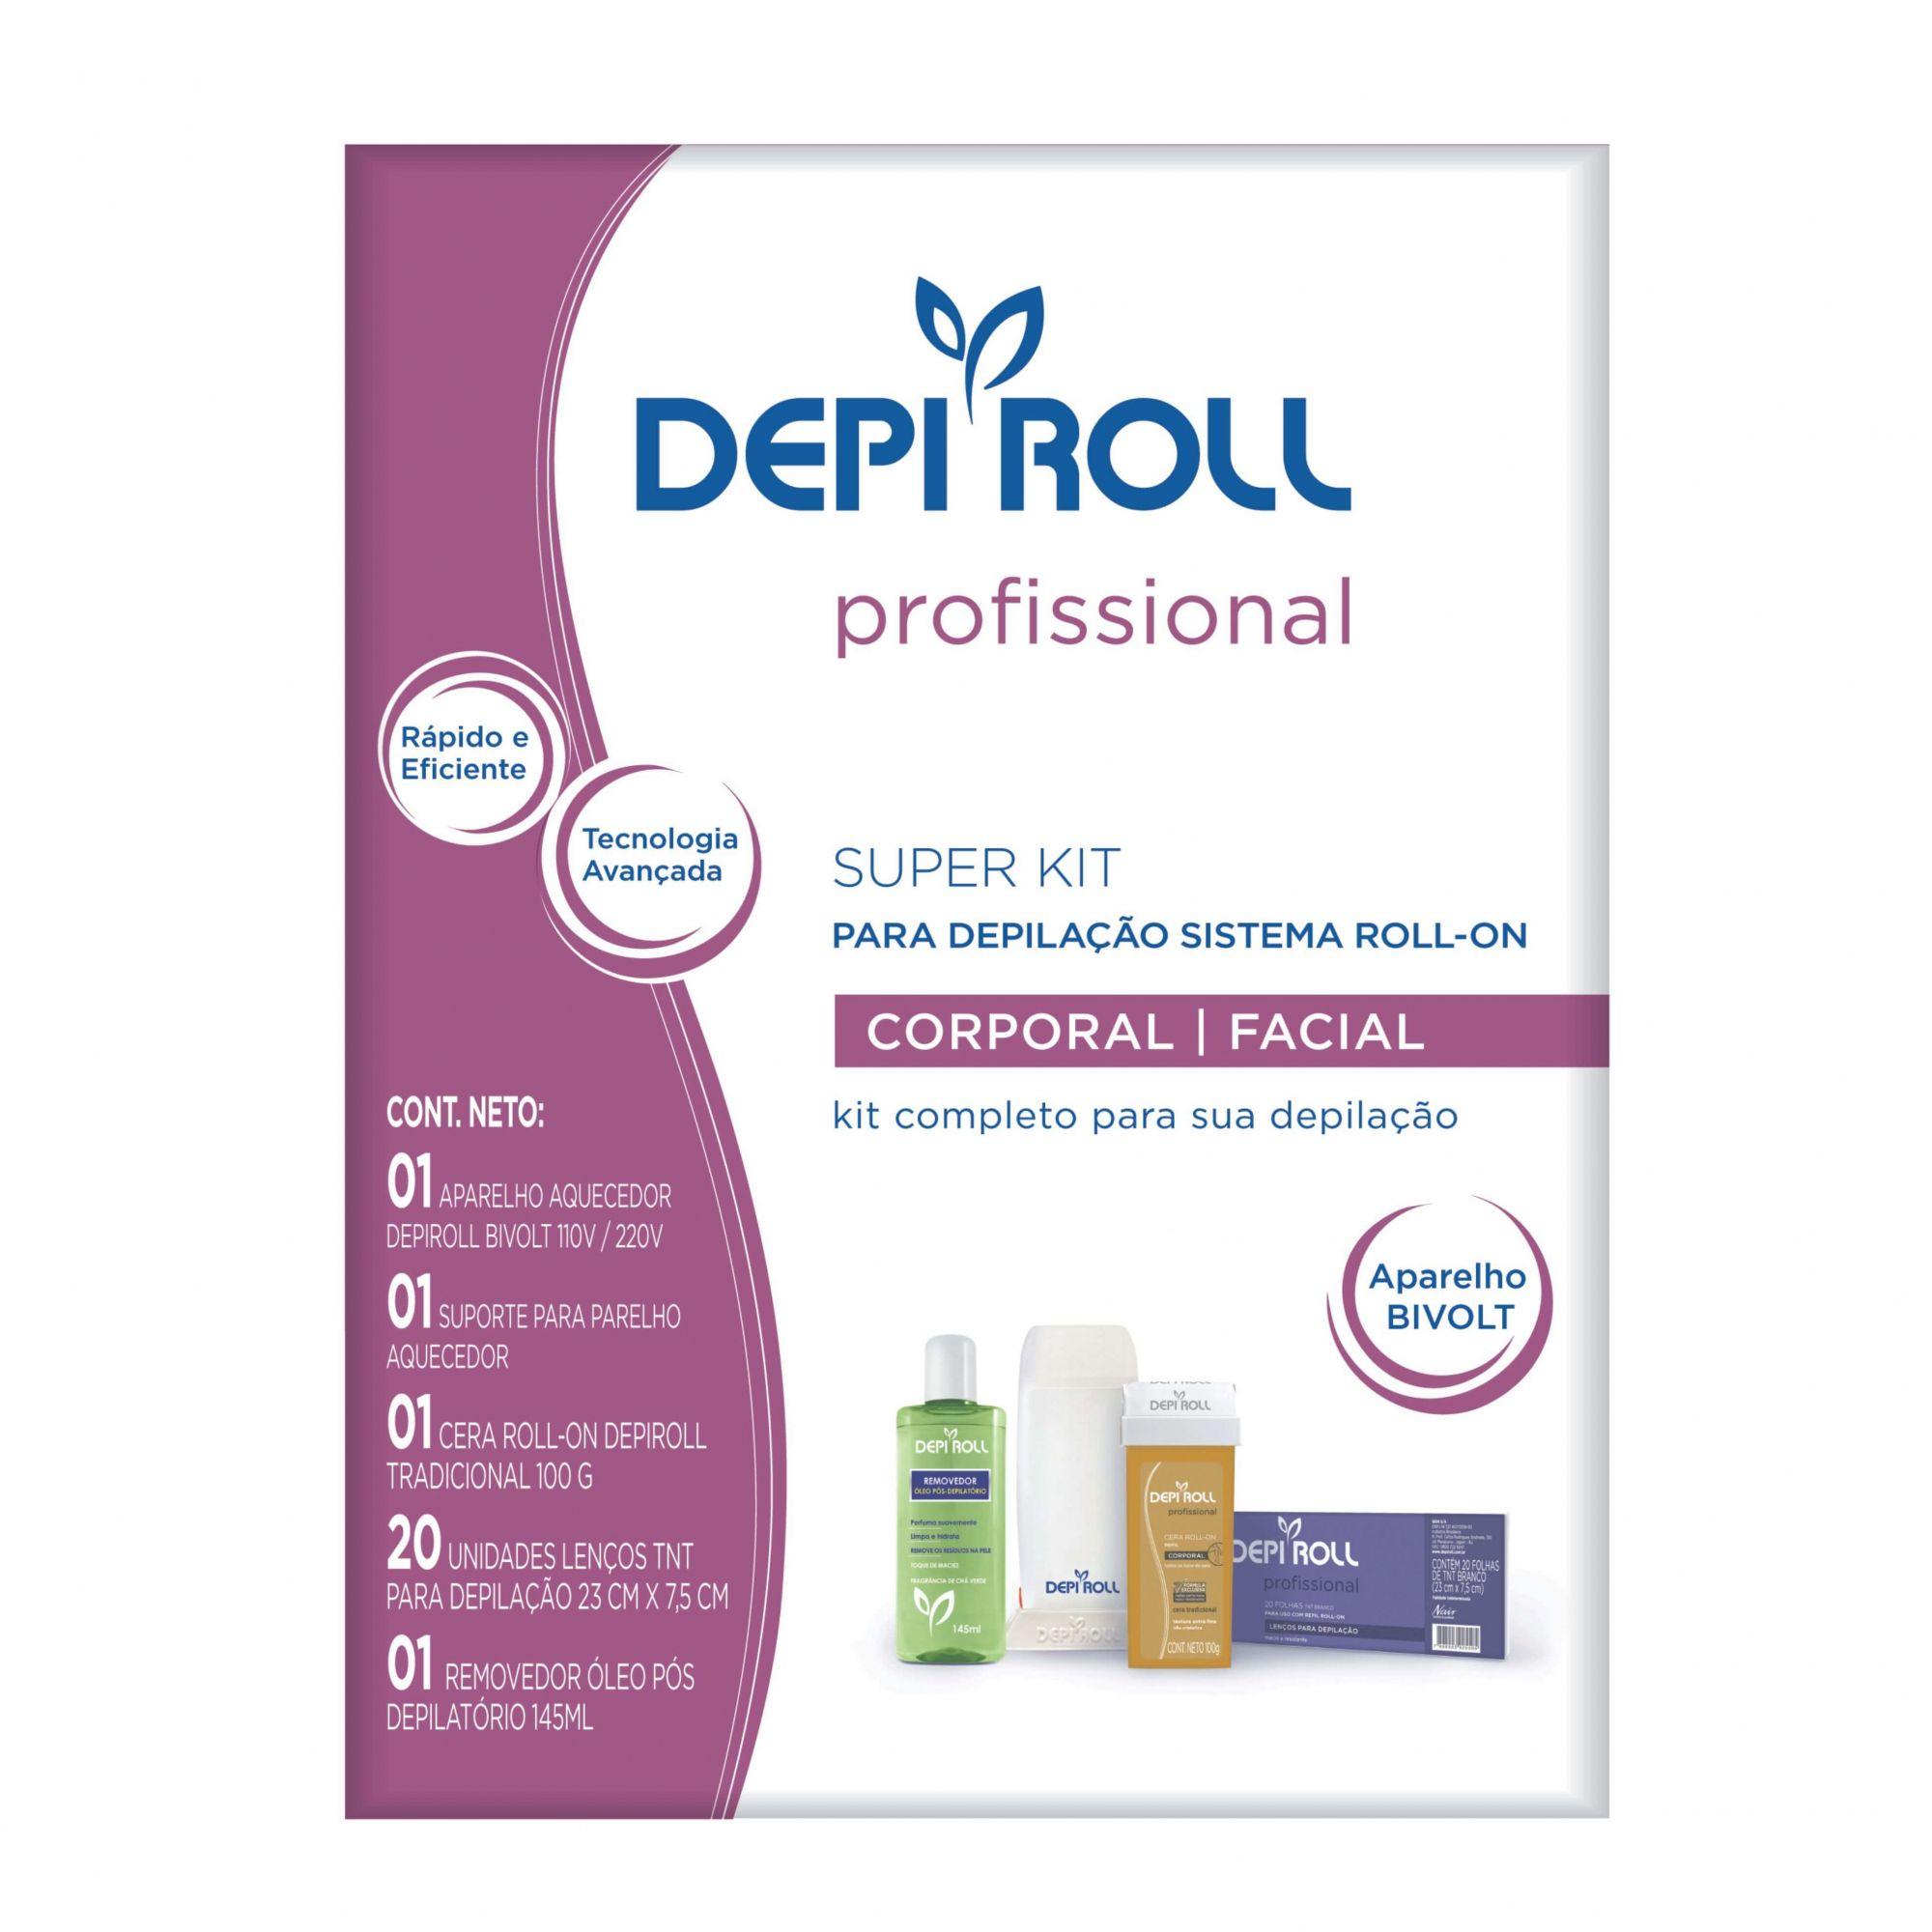 Super Kit para Depilação Sistema Roll- On Depi Roll